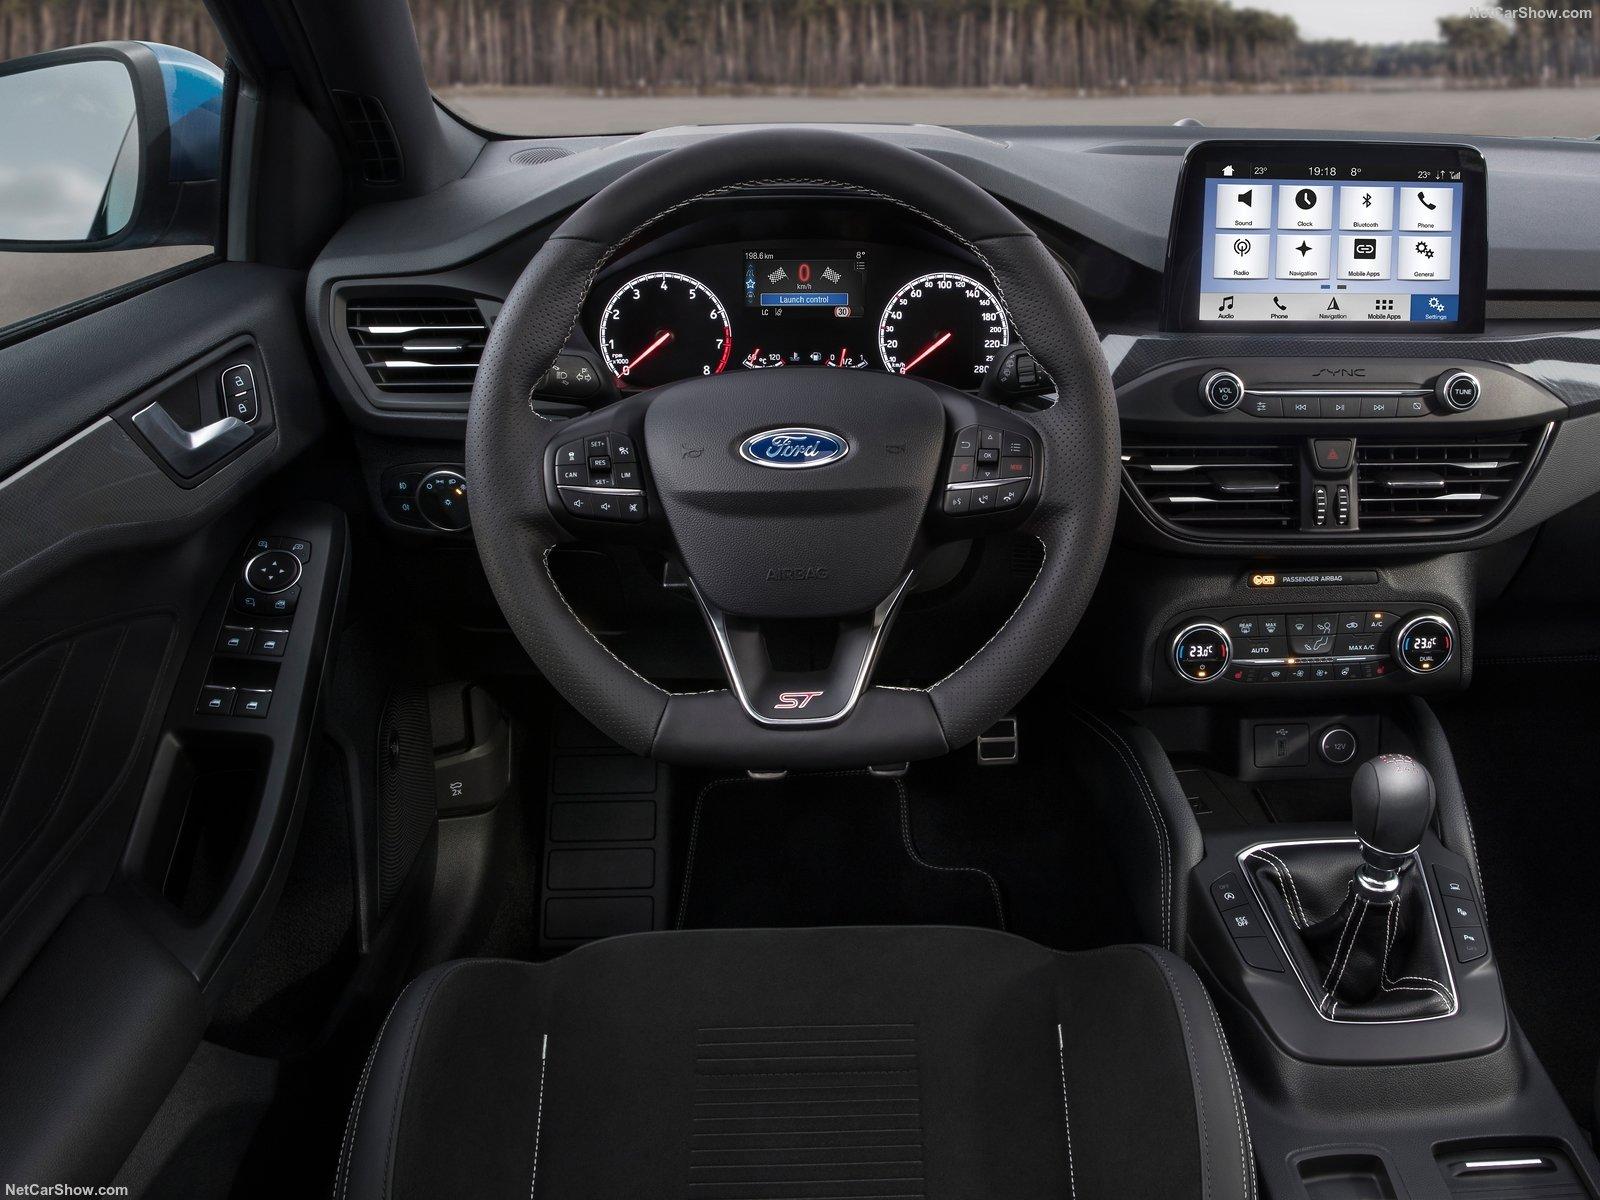 Ford Focus ST também ataca de transmissão manual. Tesão!